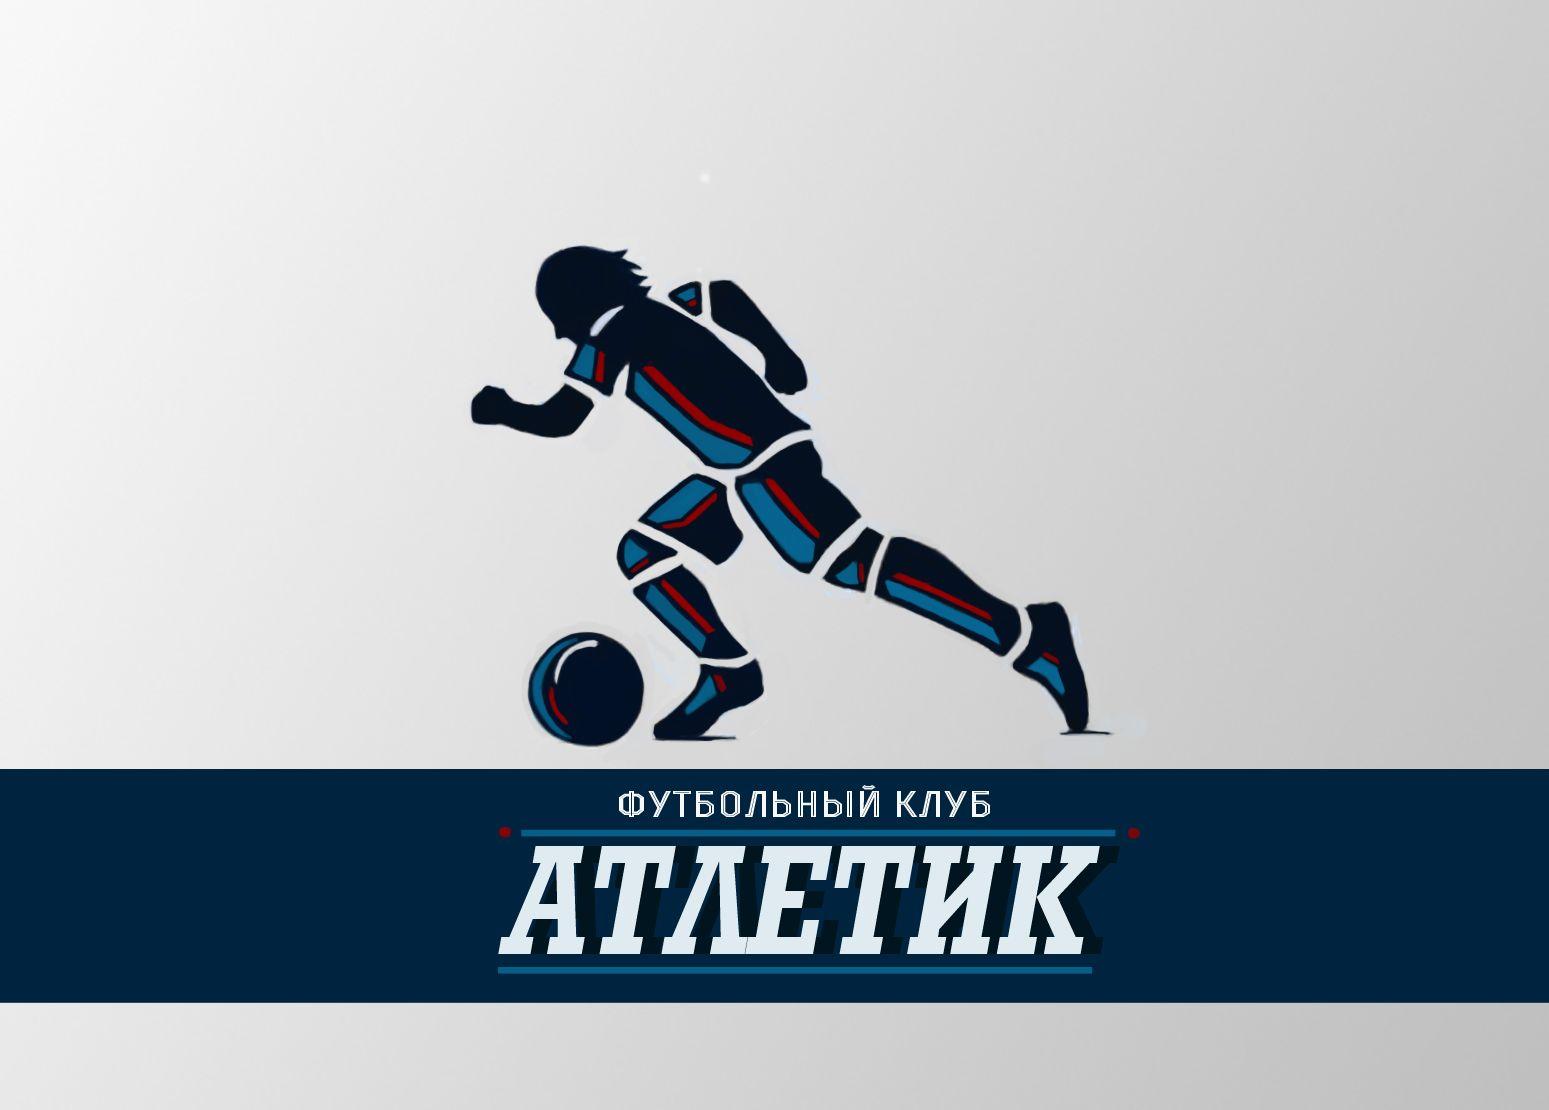 Логотип для Футбольного клуба  - дизайнер Irina_Strel